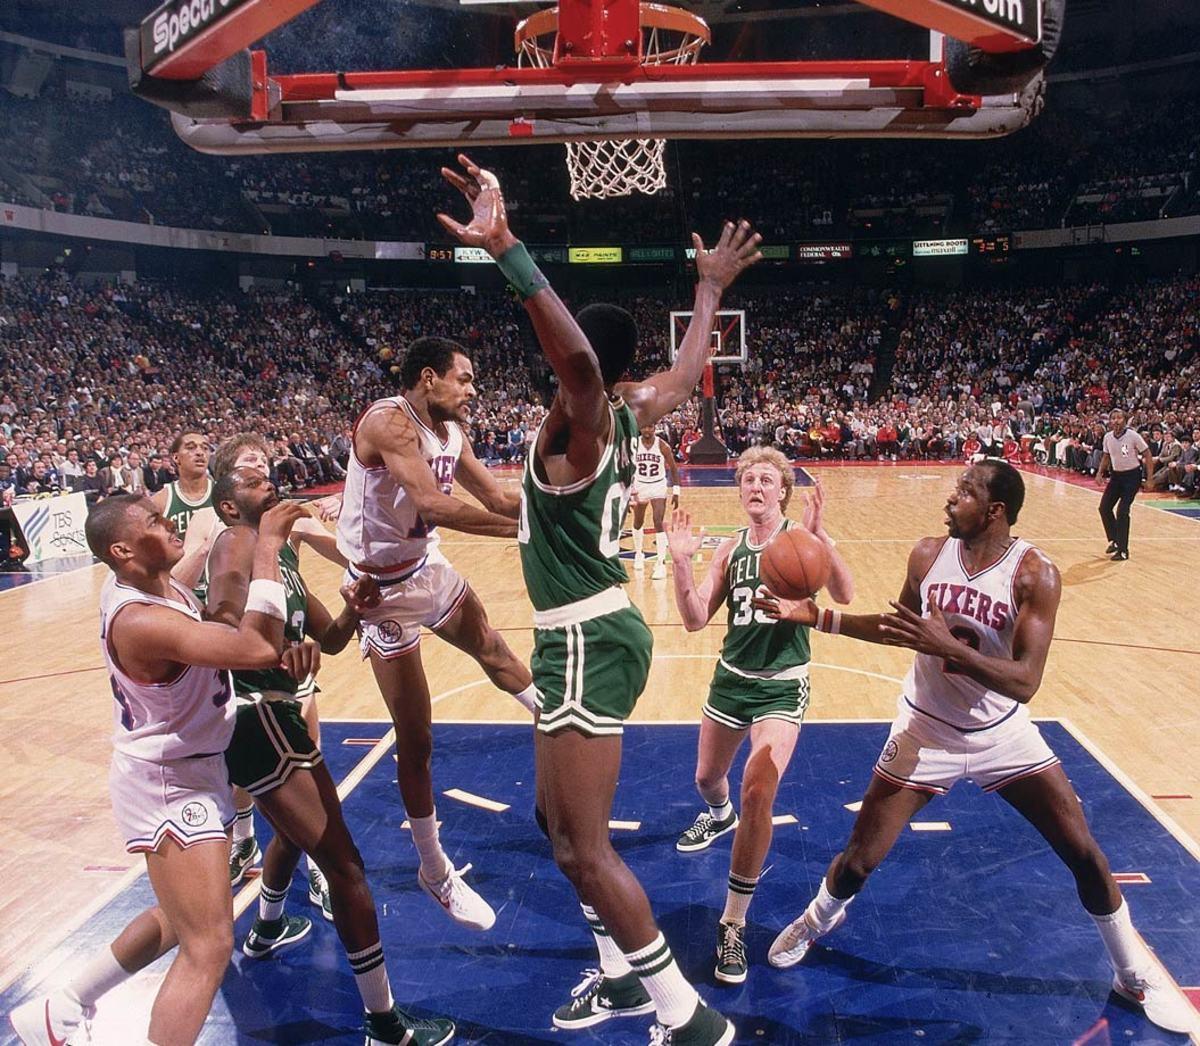 1985-Maurice-Cheeks-Moses-Malone-Robert-Parish-Larry-Bird-079016349.jpg